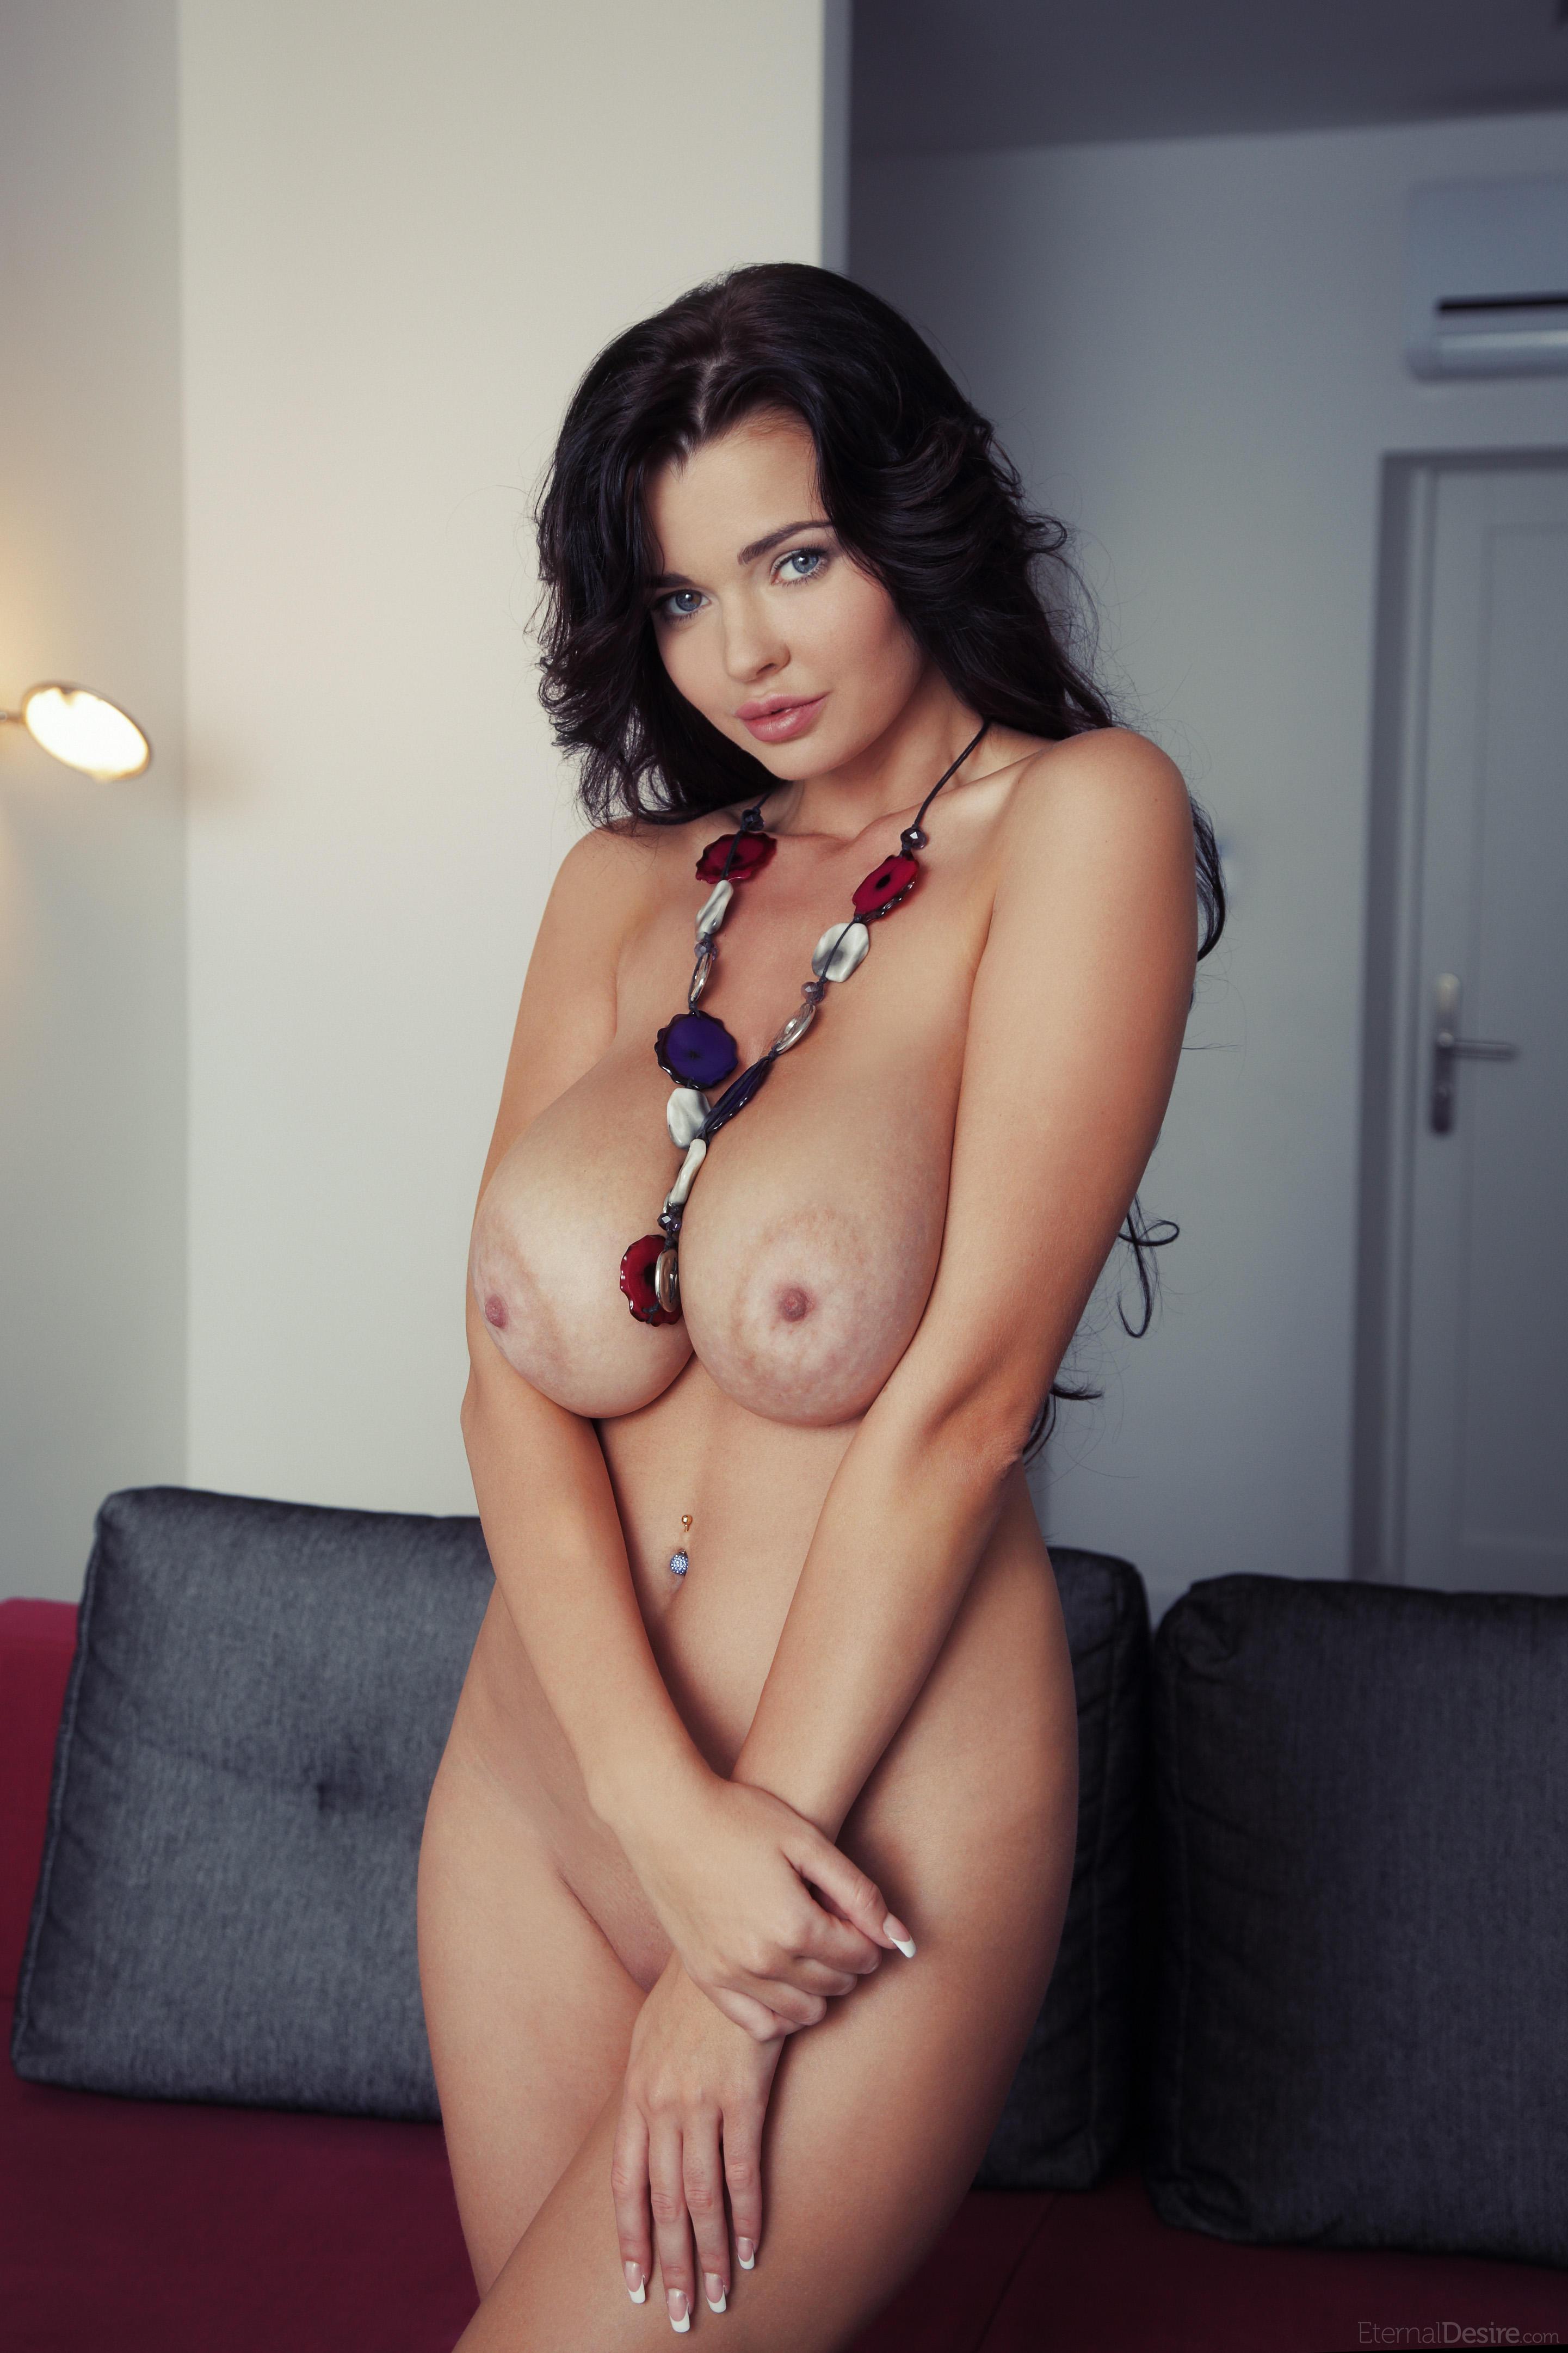 Самые большие натуральные сиськи порно 3 фотография